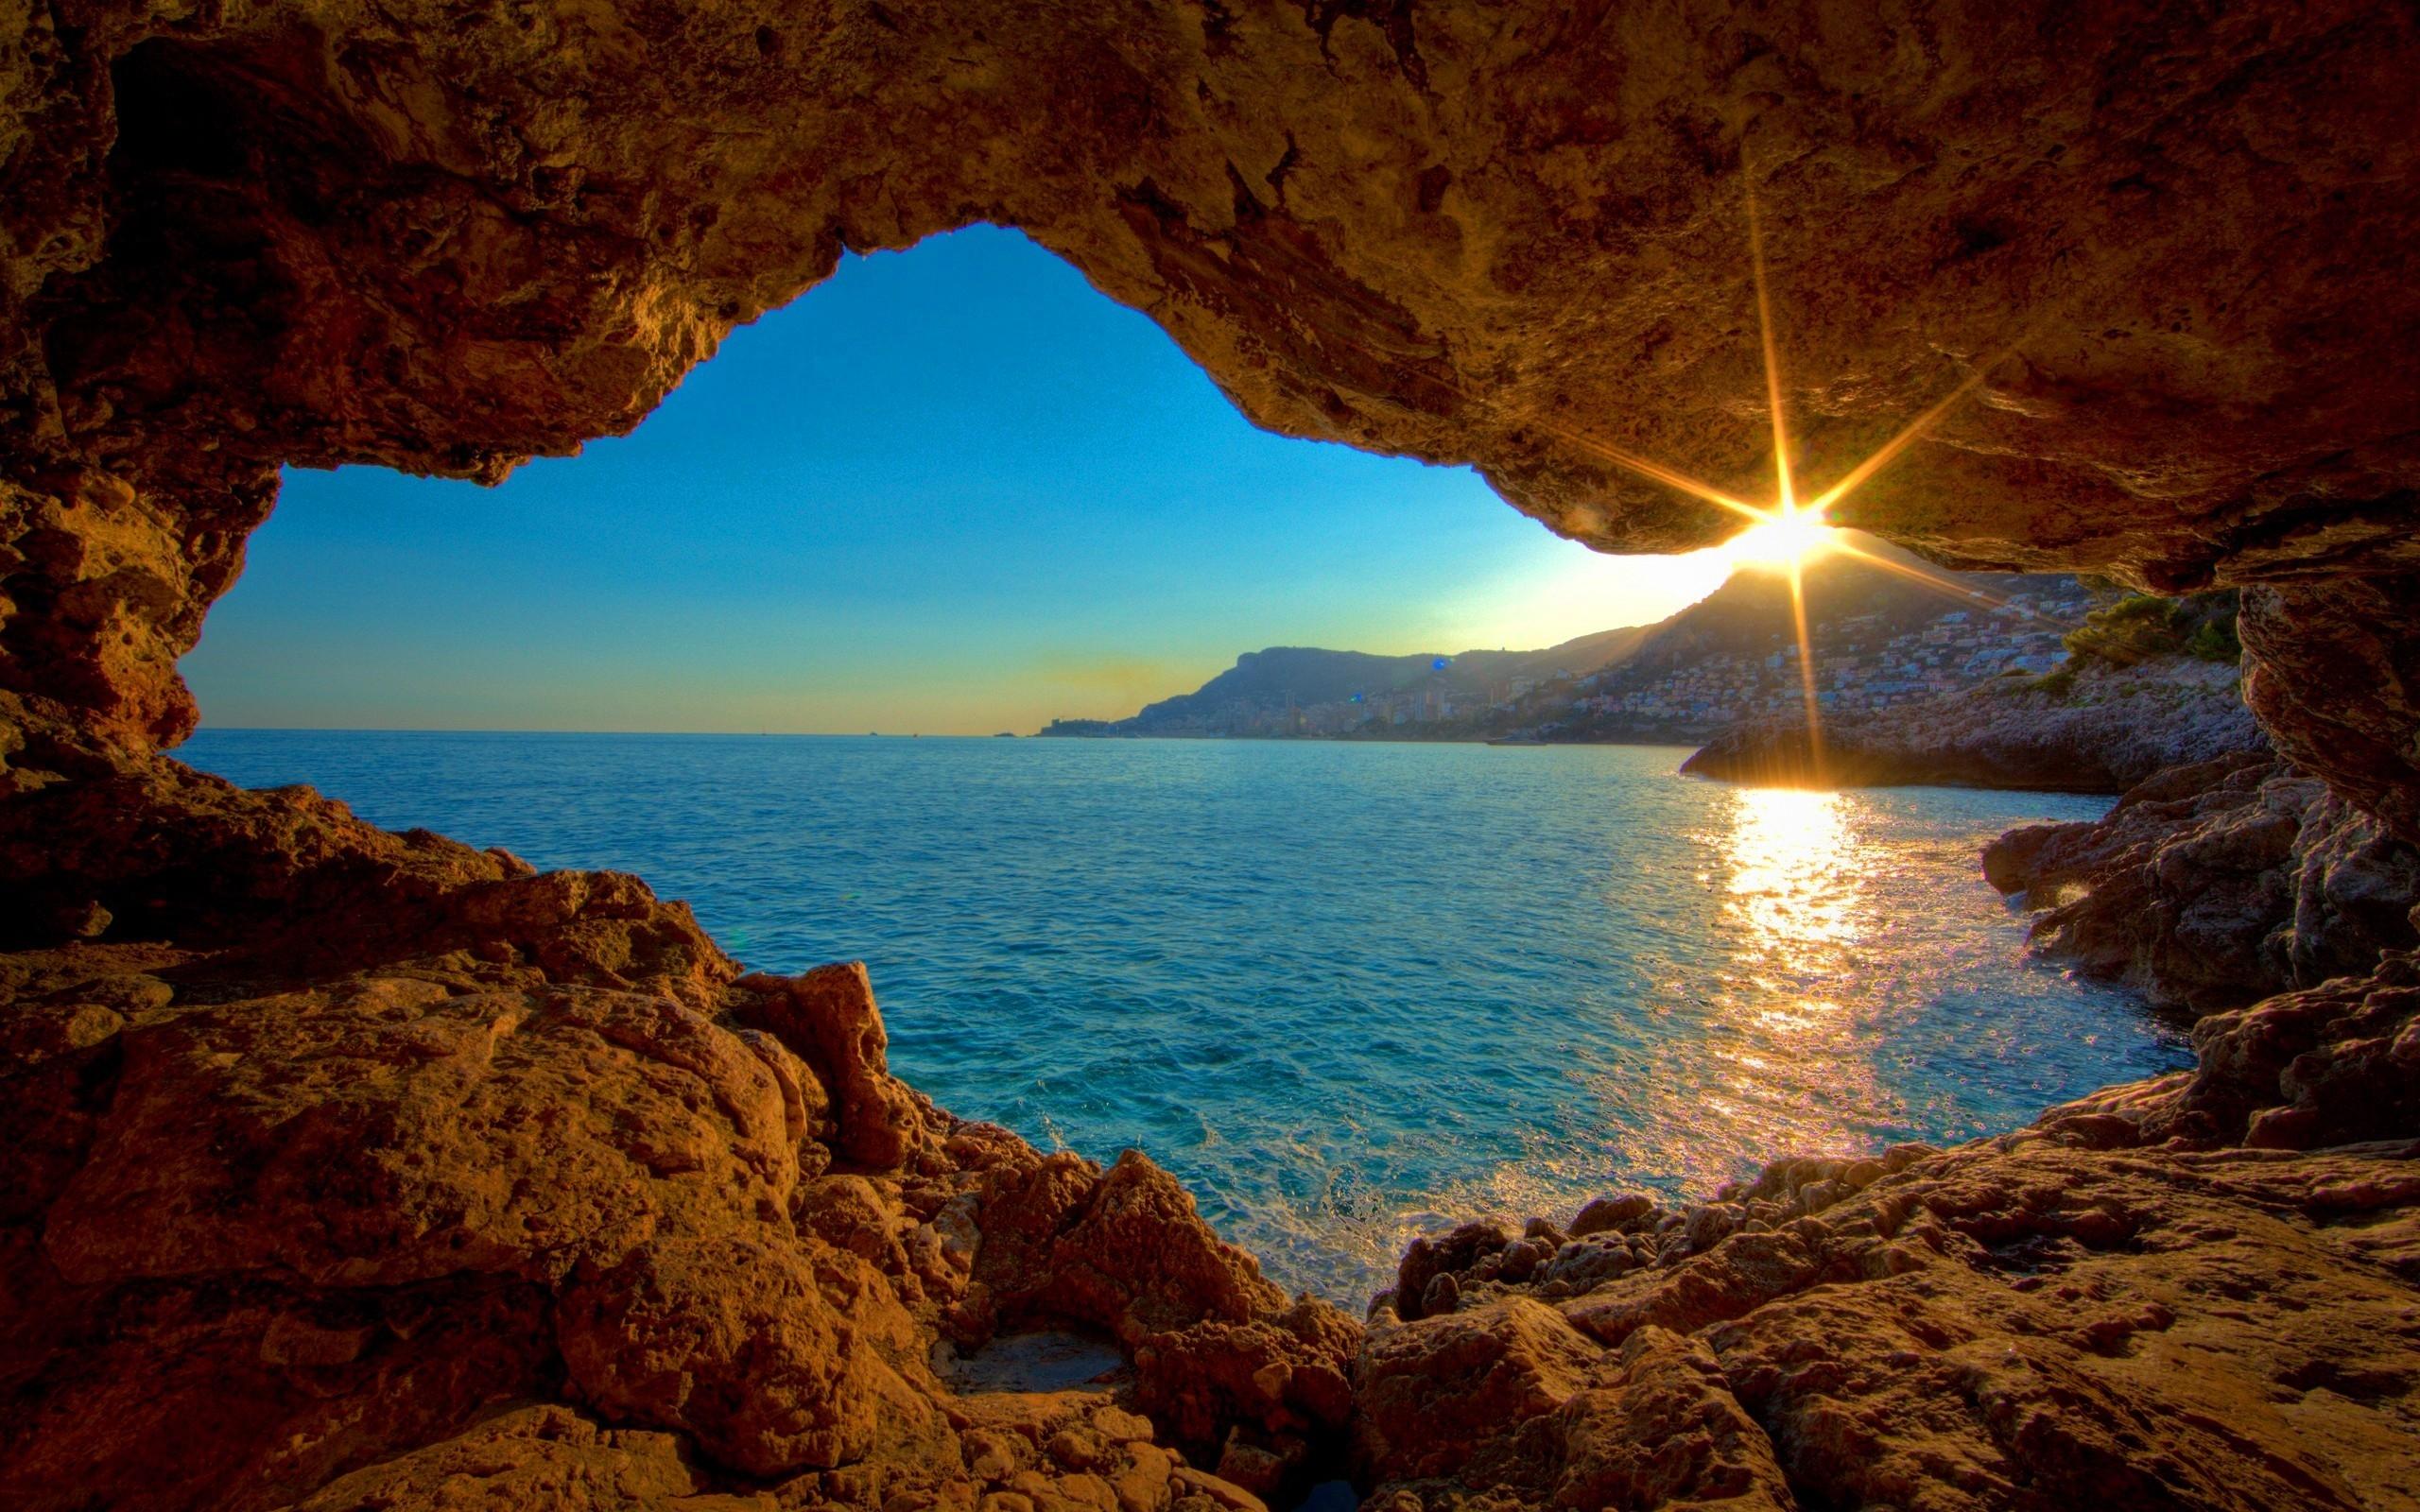 Terre/Nature - Océan  Nature Landscape Ville Mountain Moon Sun Sunset Sunlight Imagerie à Grande Gamme Dynamique Hd Ultra HD Monaco Fond d'écran